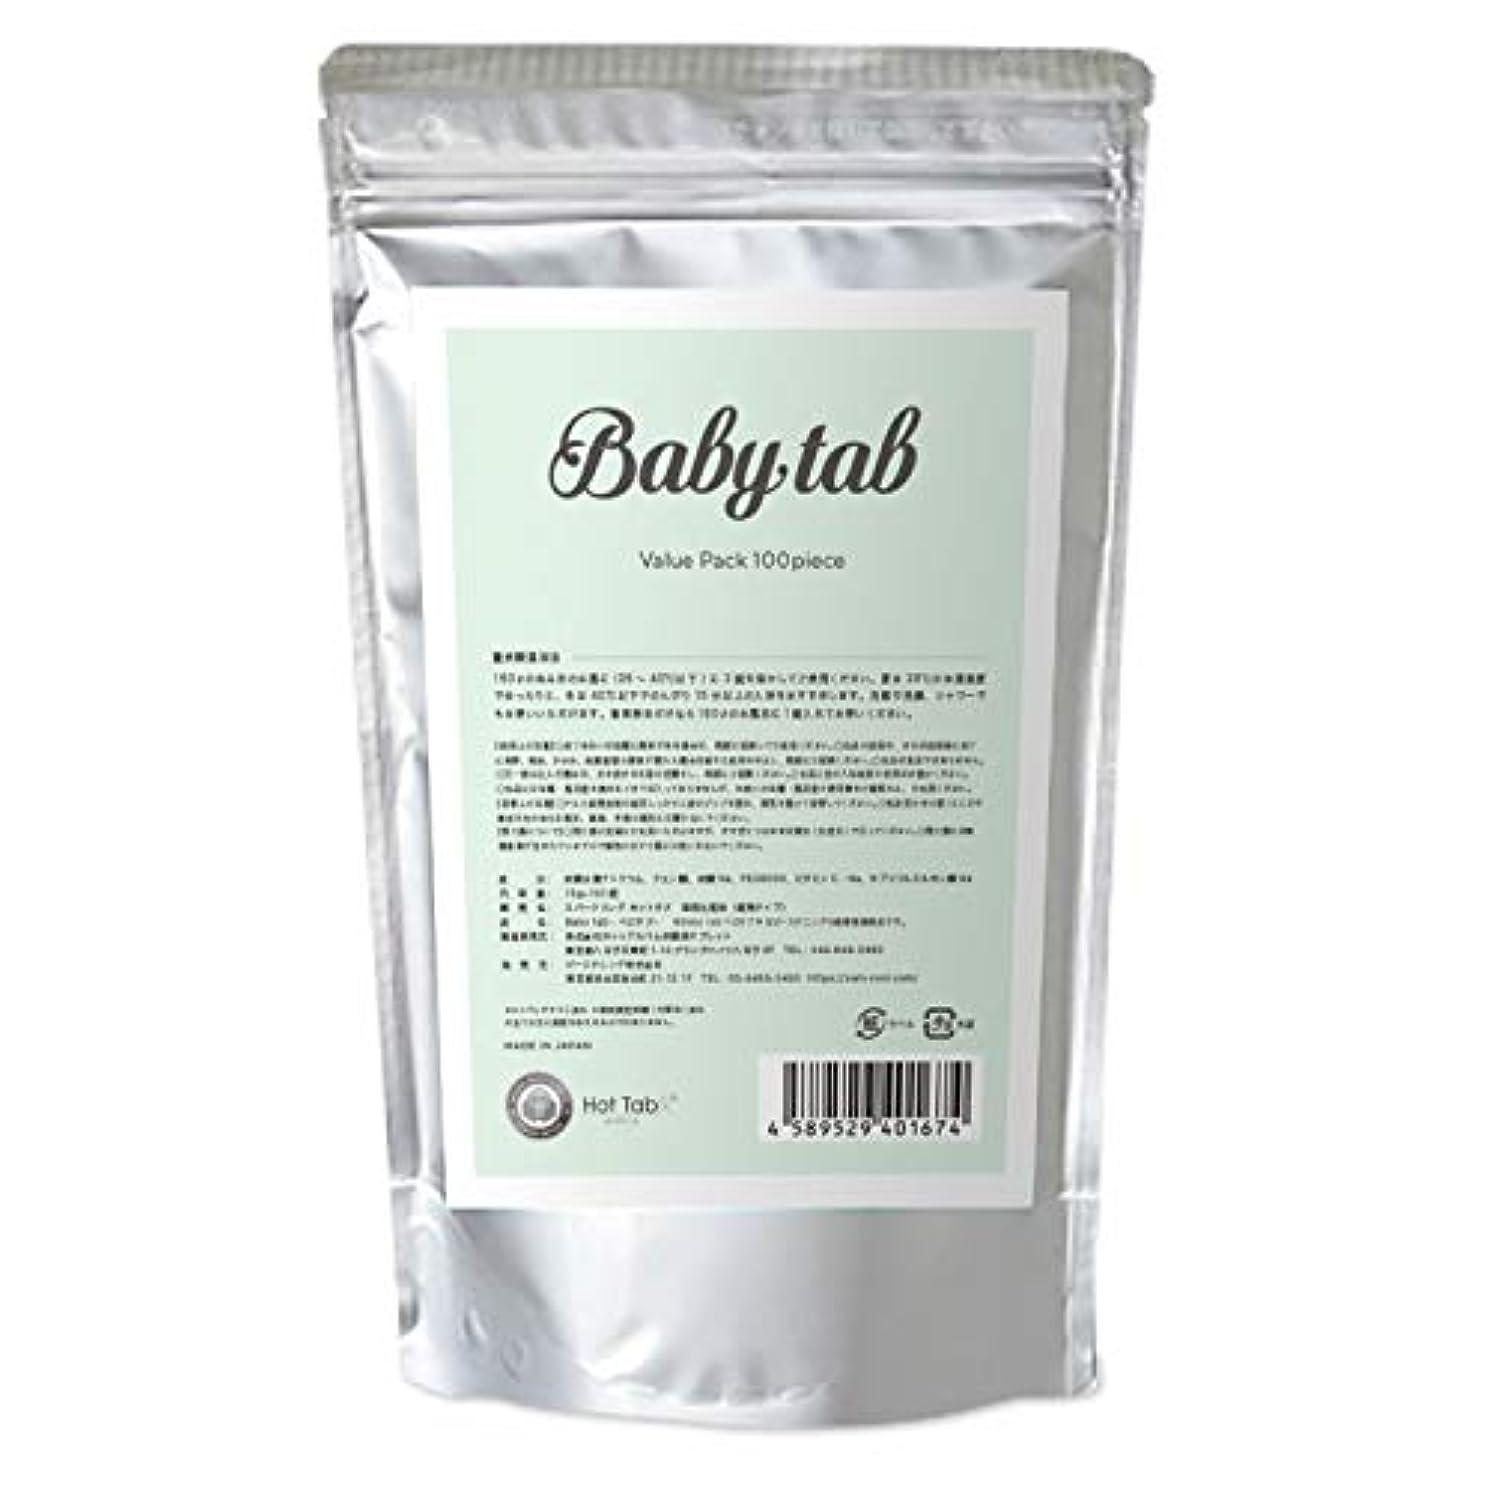 チャット移動恐れベビタブ【Babytab】重炭酸 中性 入浴剤 沐浴剤 100錠入り(無添加 無香料 保湿 乾燥肌 オーガニック 塩素除去)赤ちゃんから使える